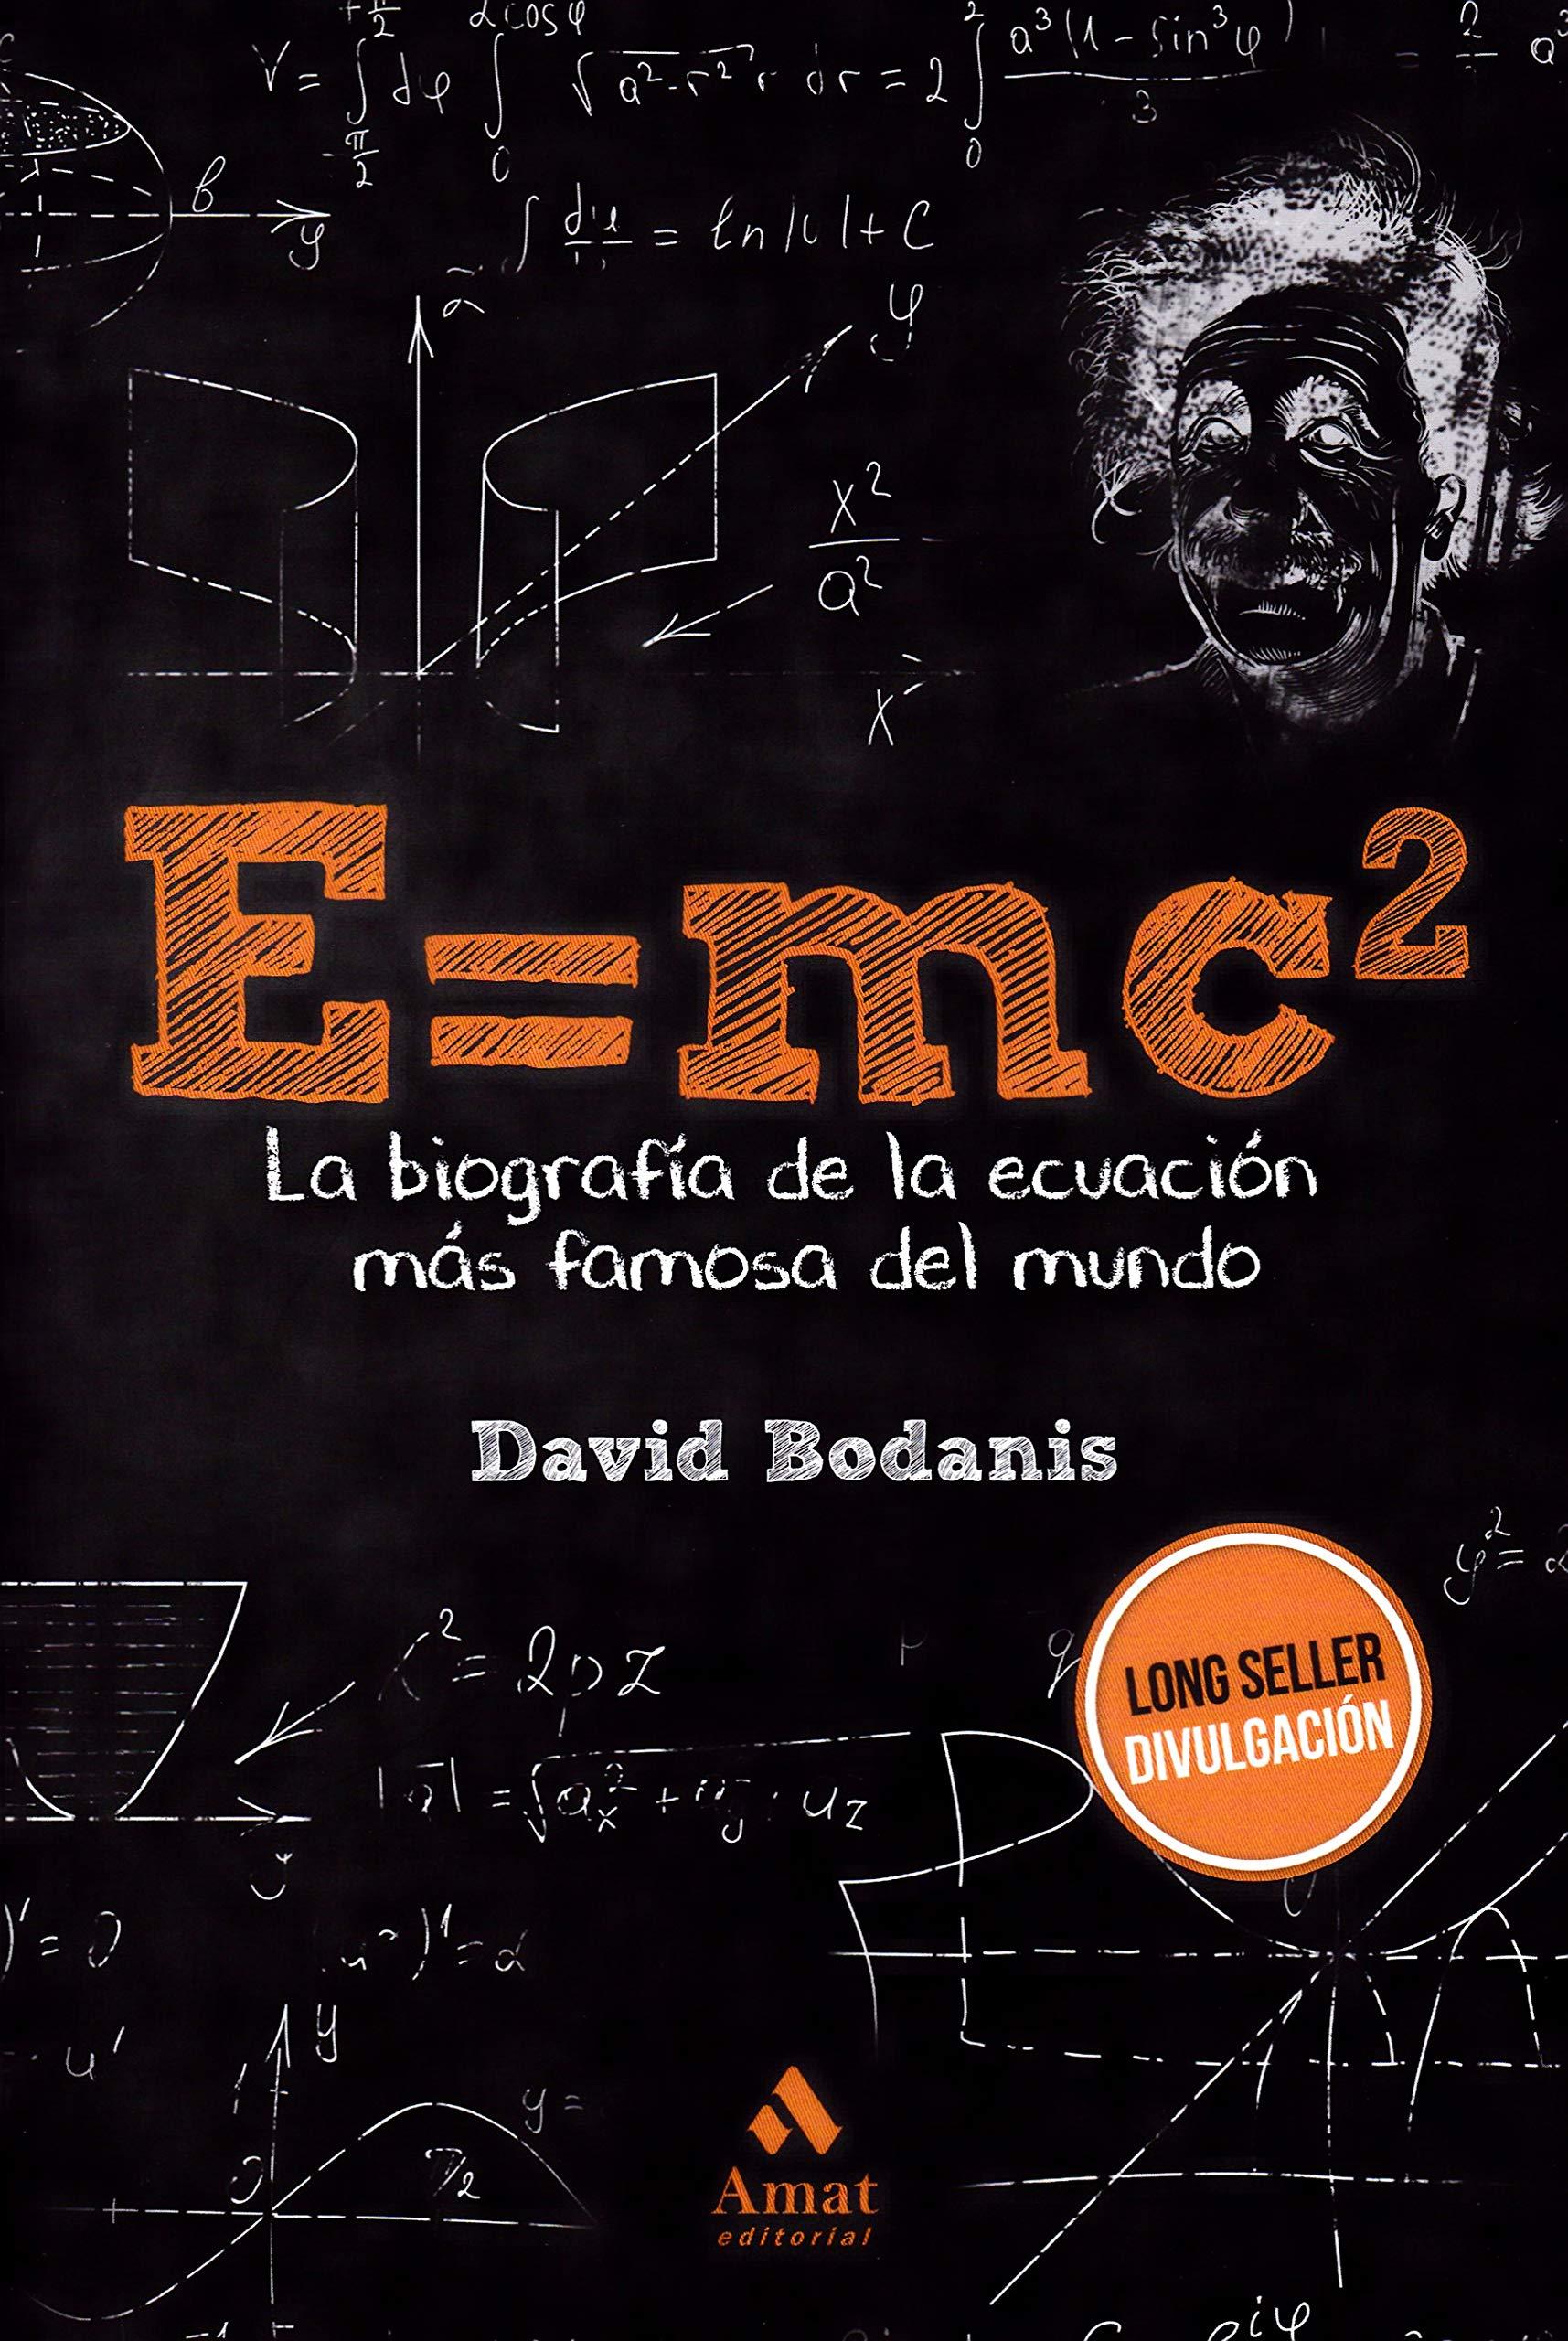 E=MC2 BIOGRAFIA DE LA ECUACION MAS FAMOS